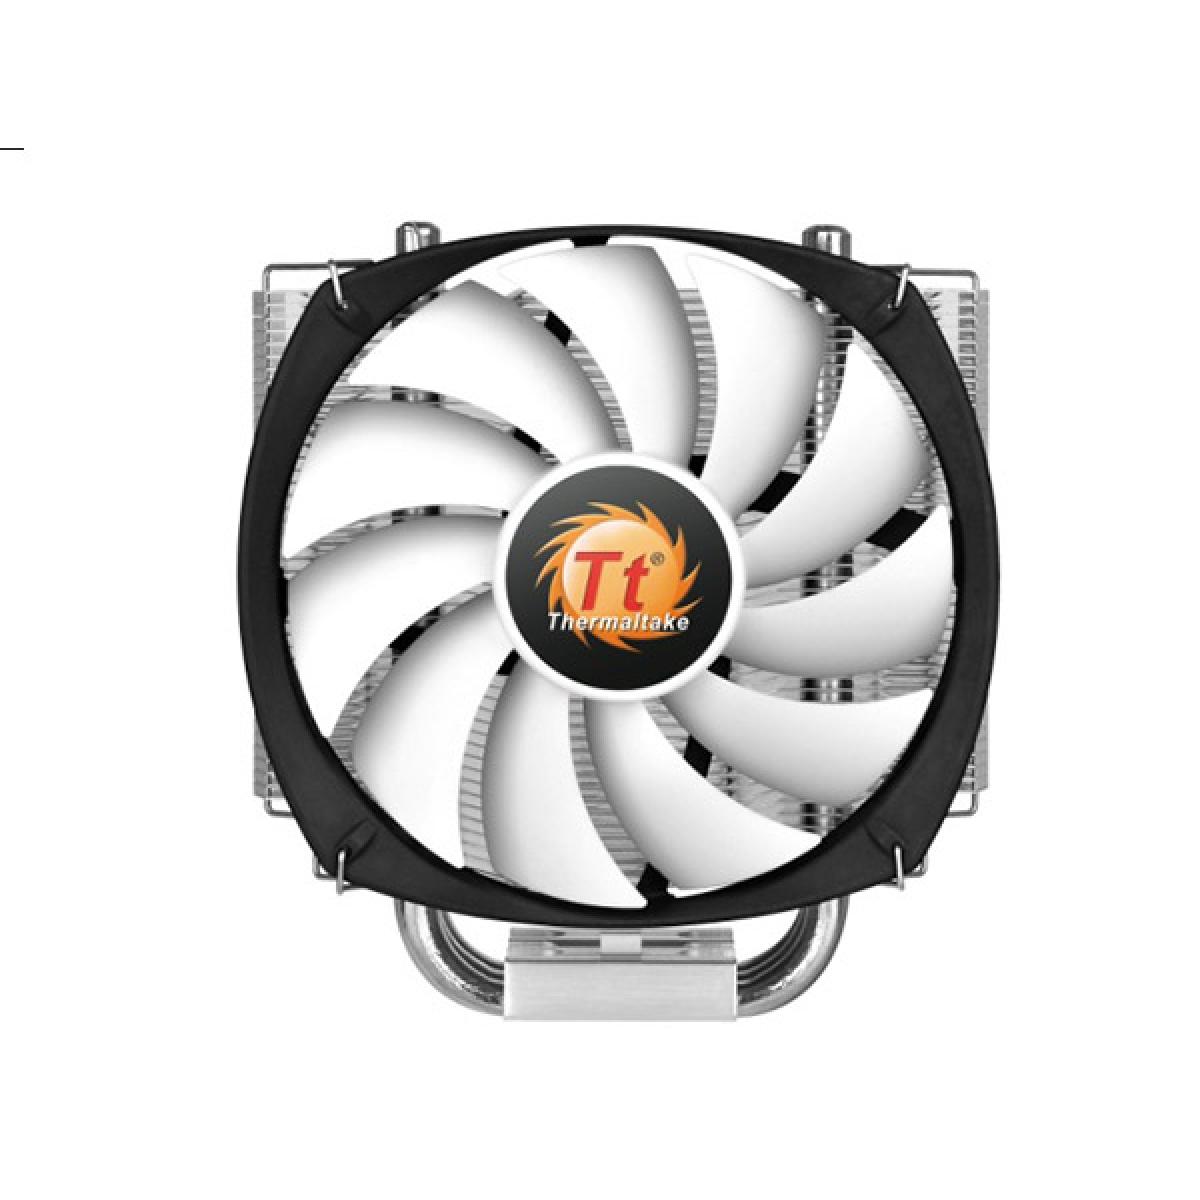 Cooler Thermaltake Frio Silent 12 CL-P001-AL12BL-B Intel LGA 2011/1366/1155/1156/1150/775 AMD FM2/FM1/AM3+/AM3/AM2+/AM2